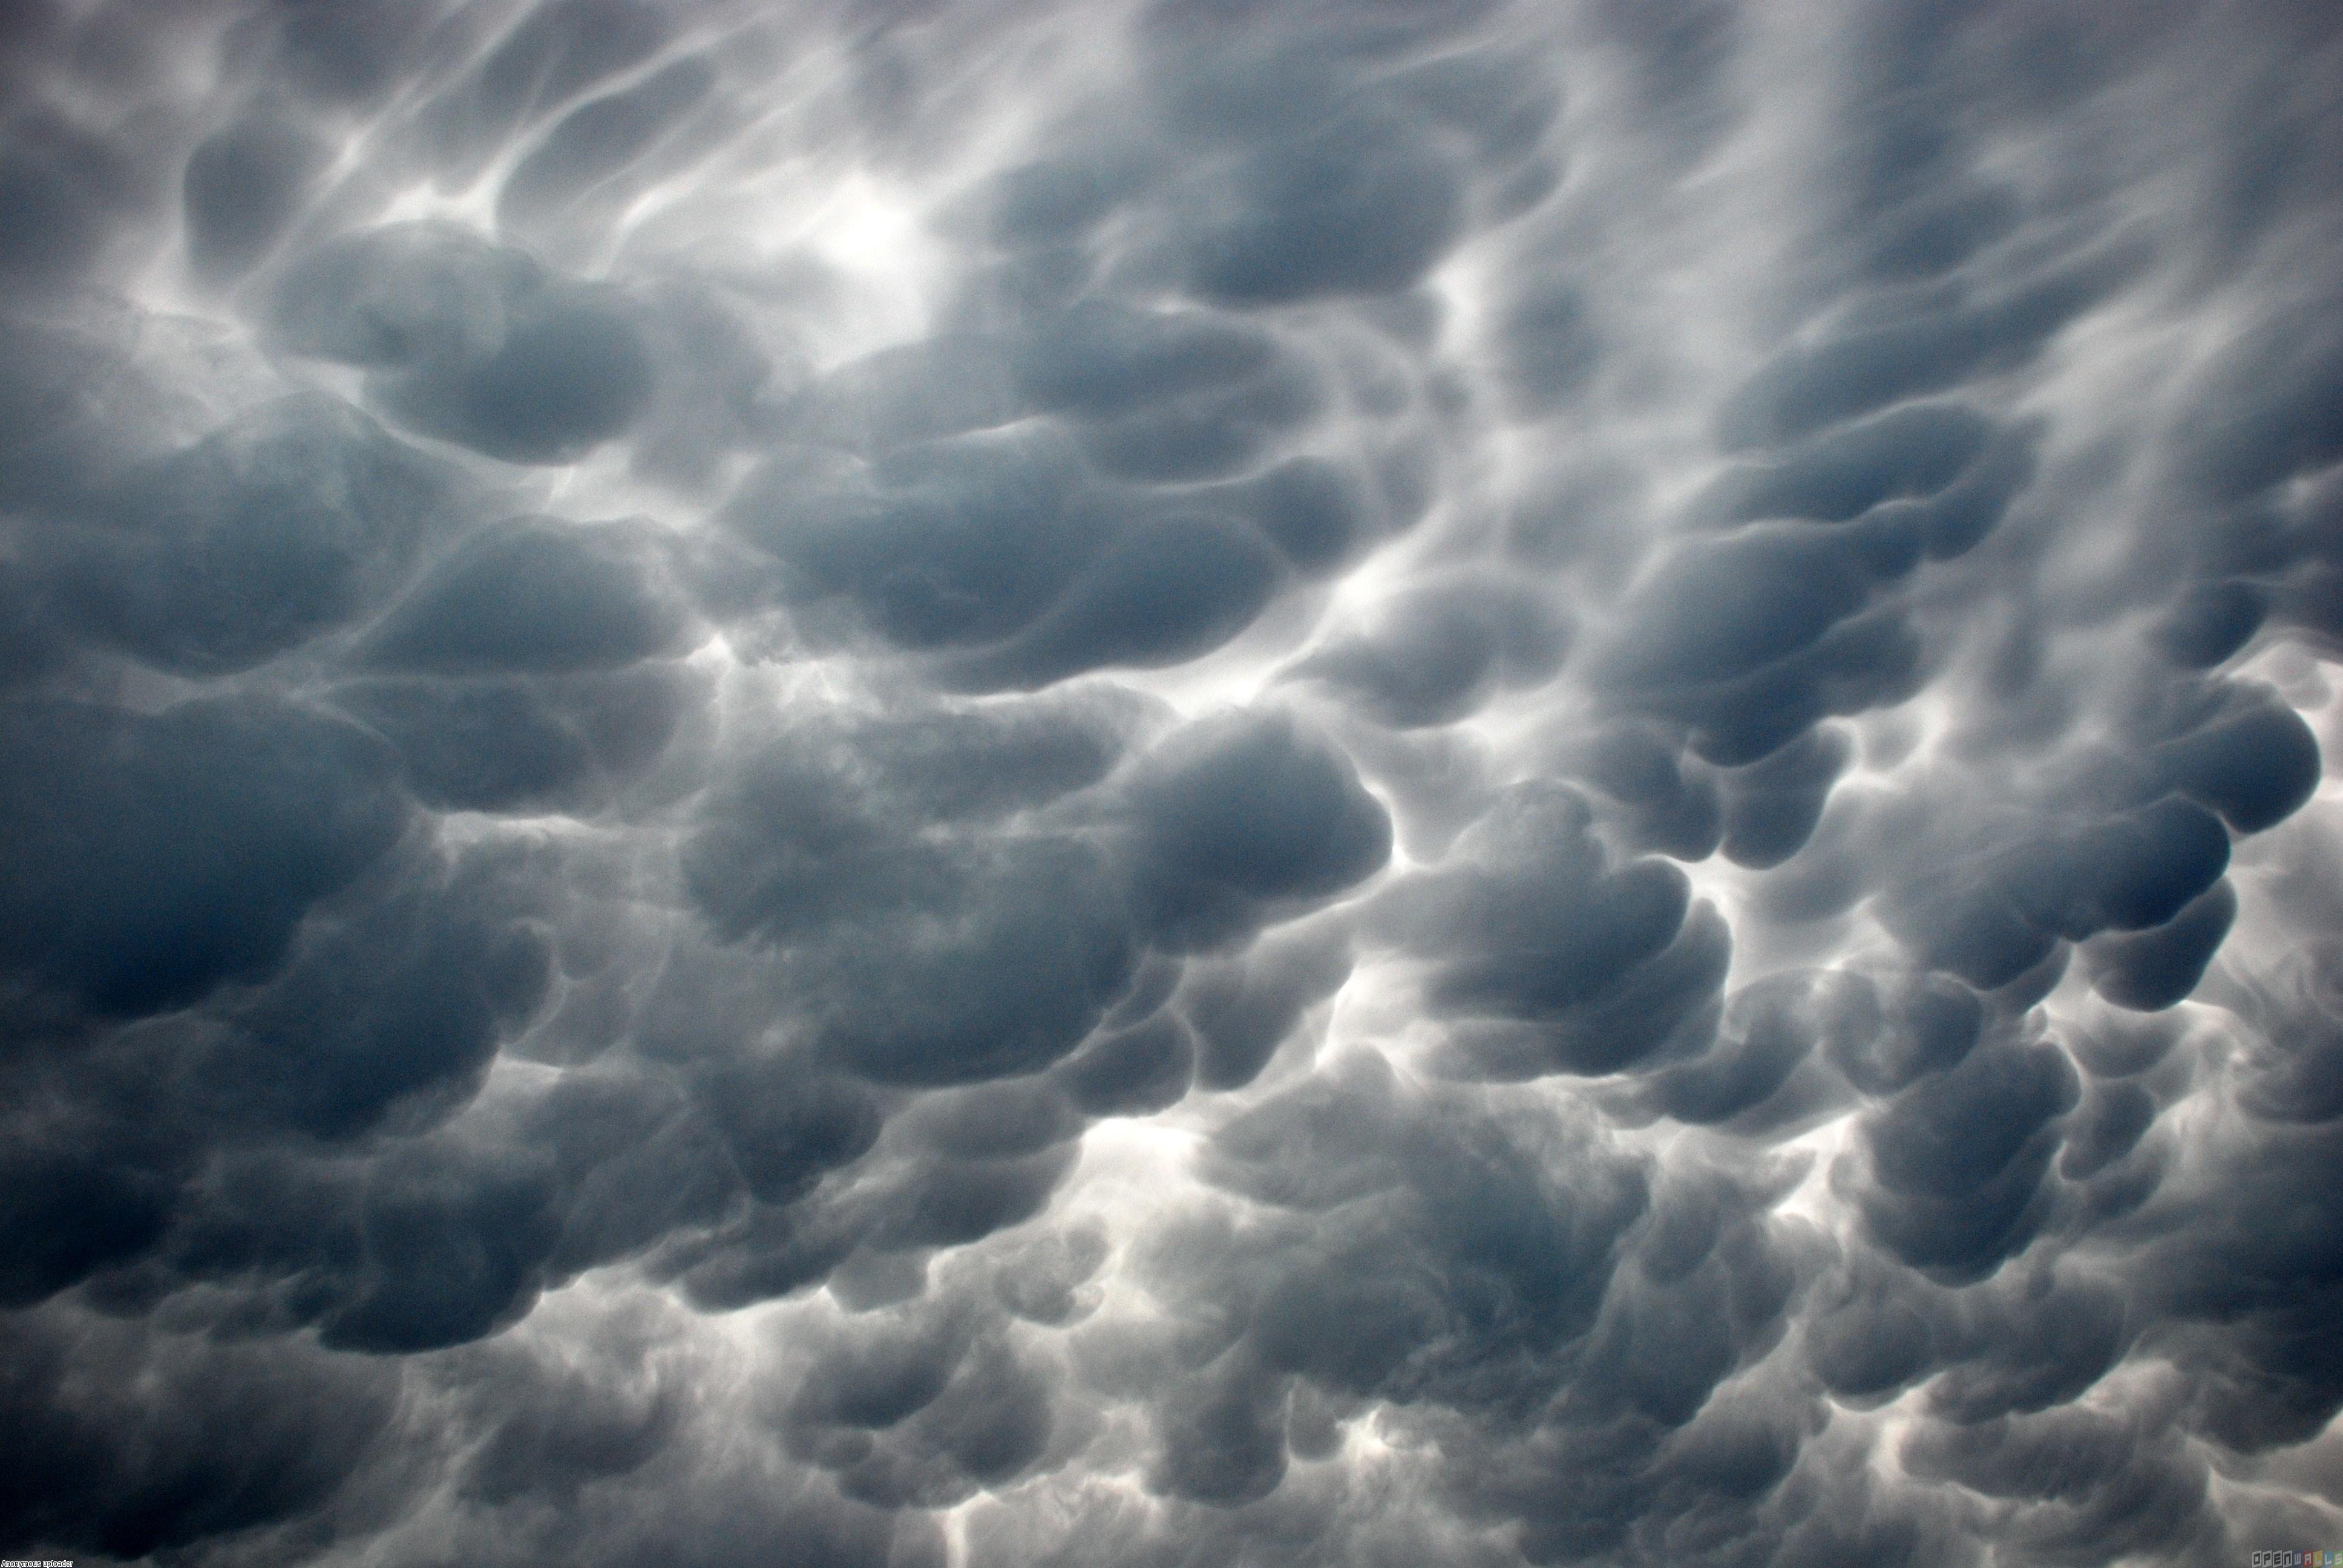 Storm clouds wallpaper 19414   Open Walls 3872x2592